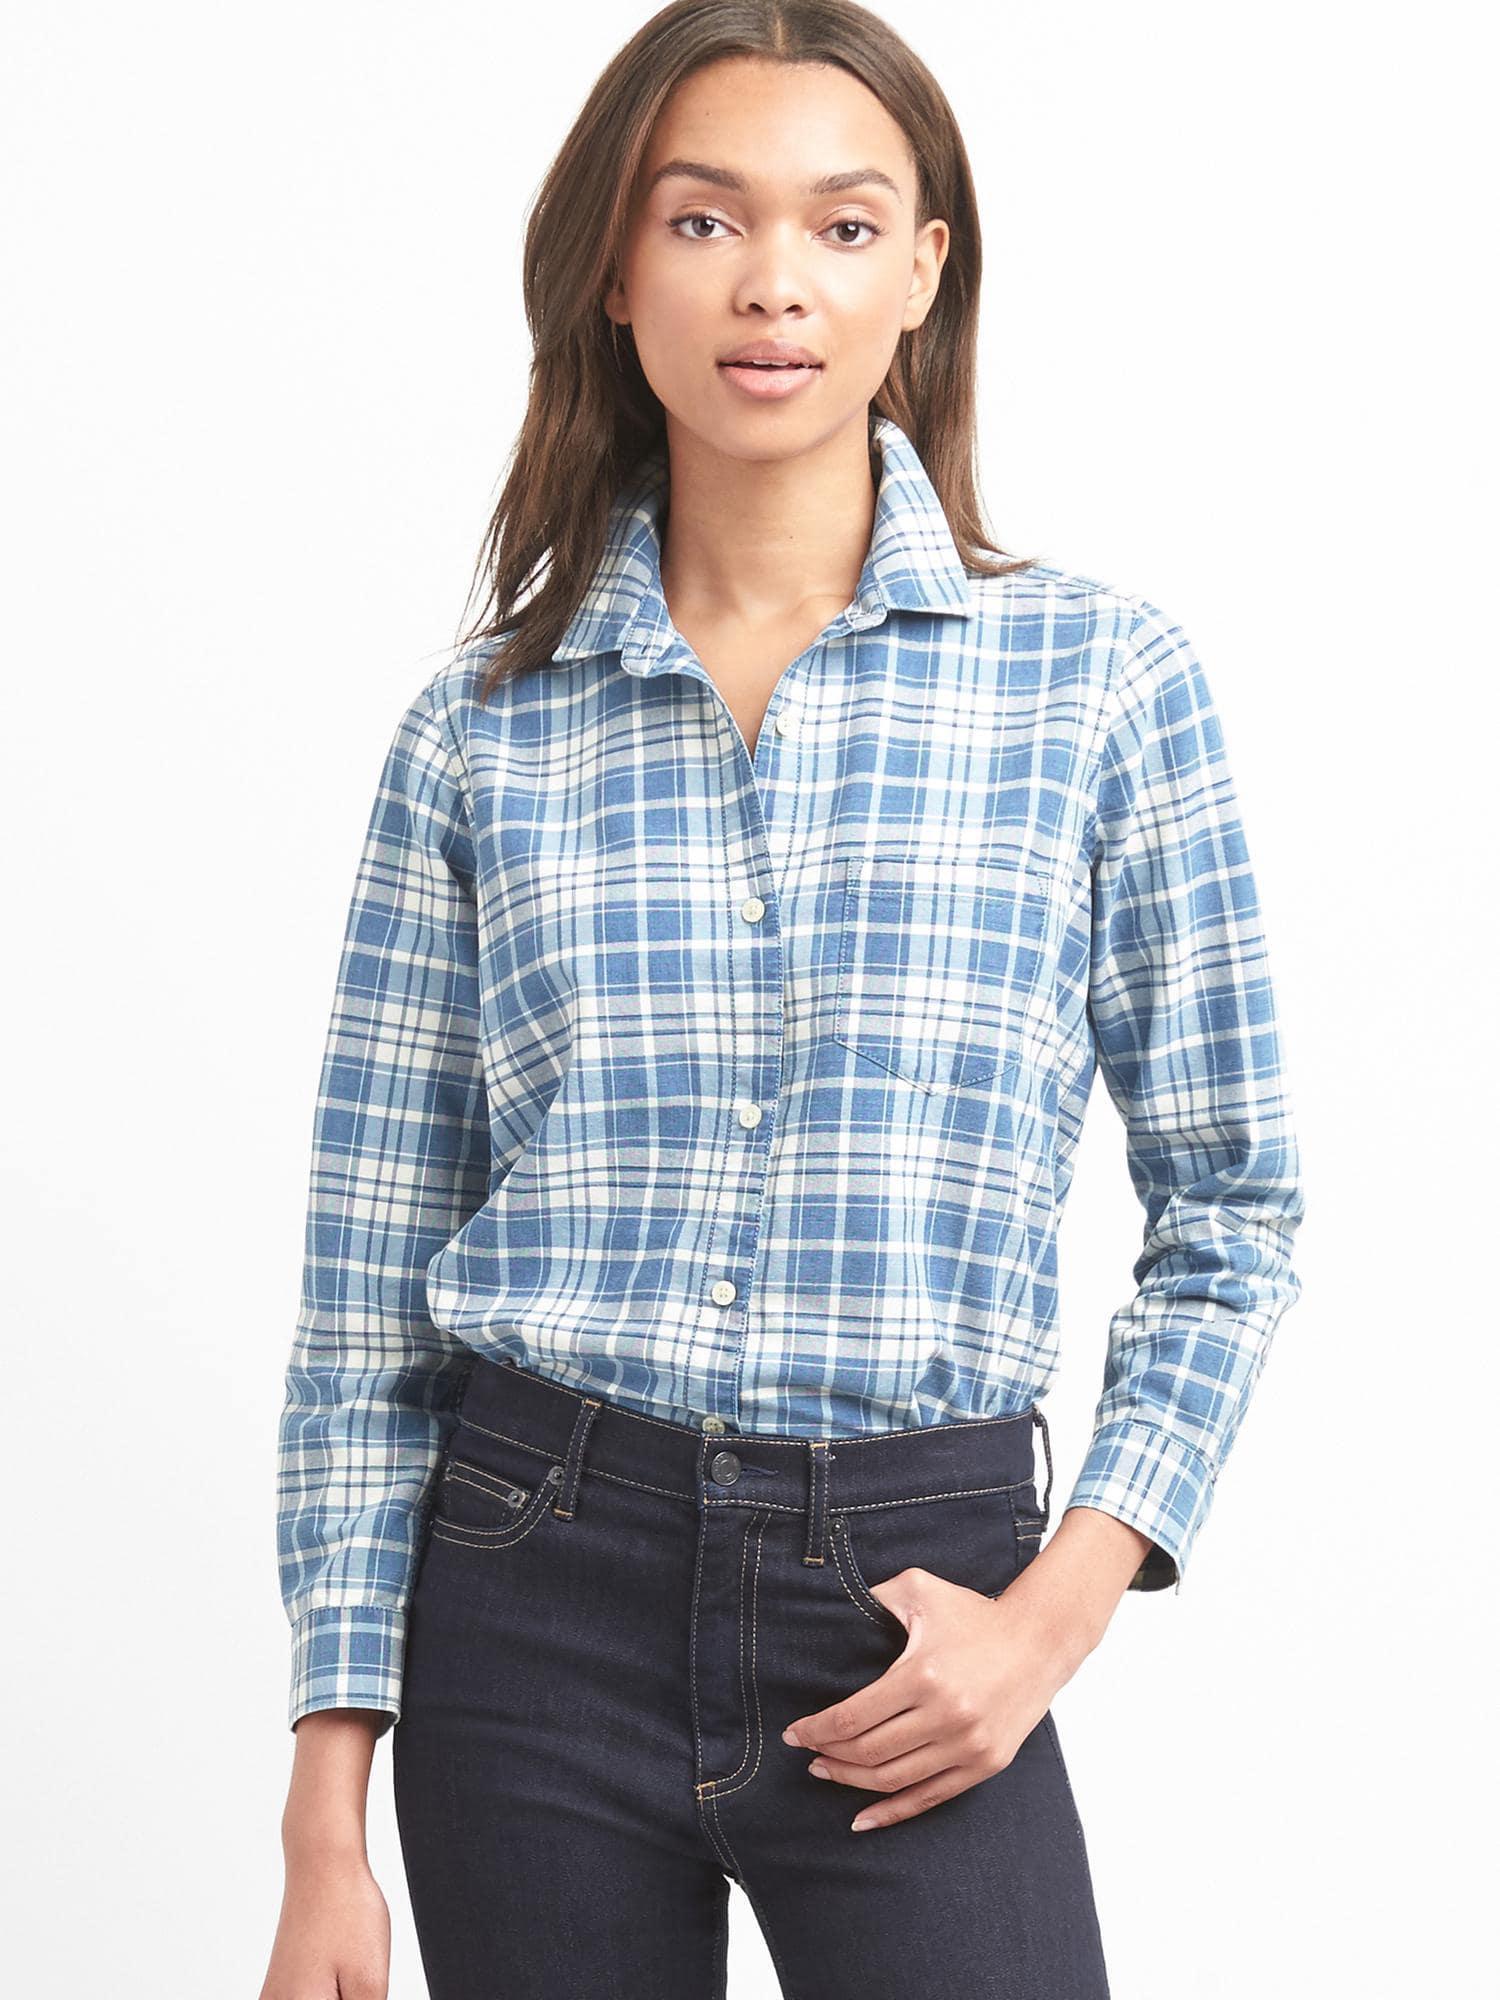 ea247ffb953 Lyst - Gap Denim Plaid Shirt in Blue